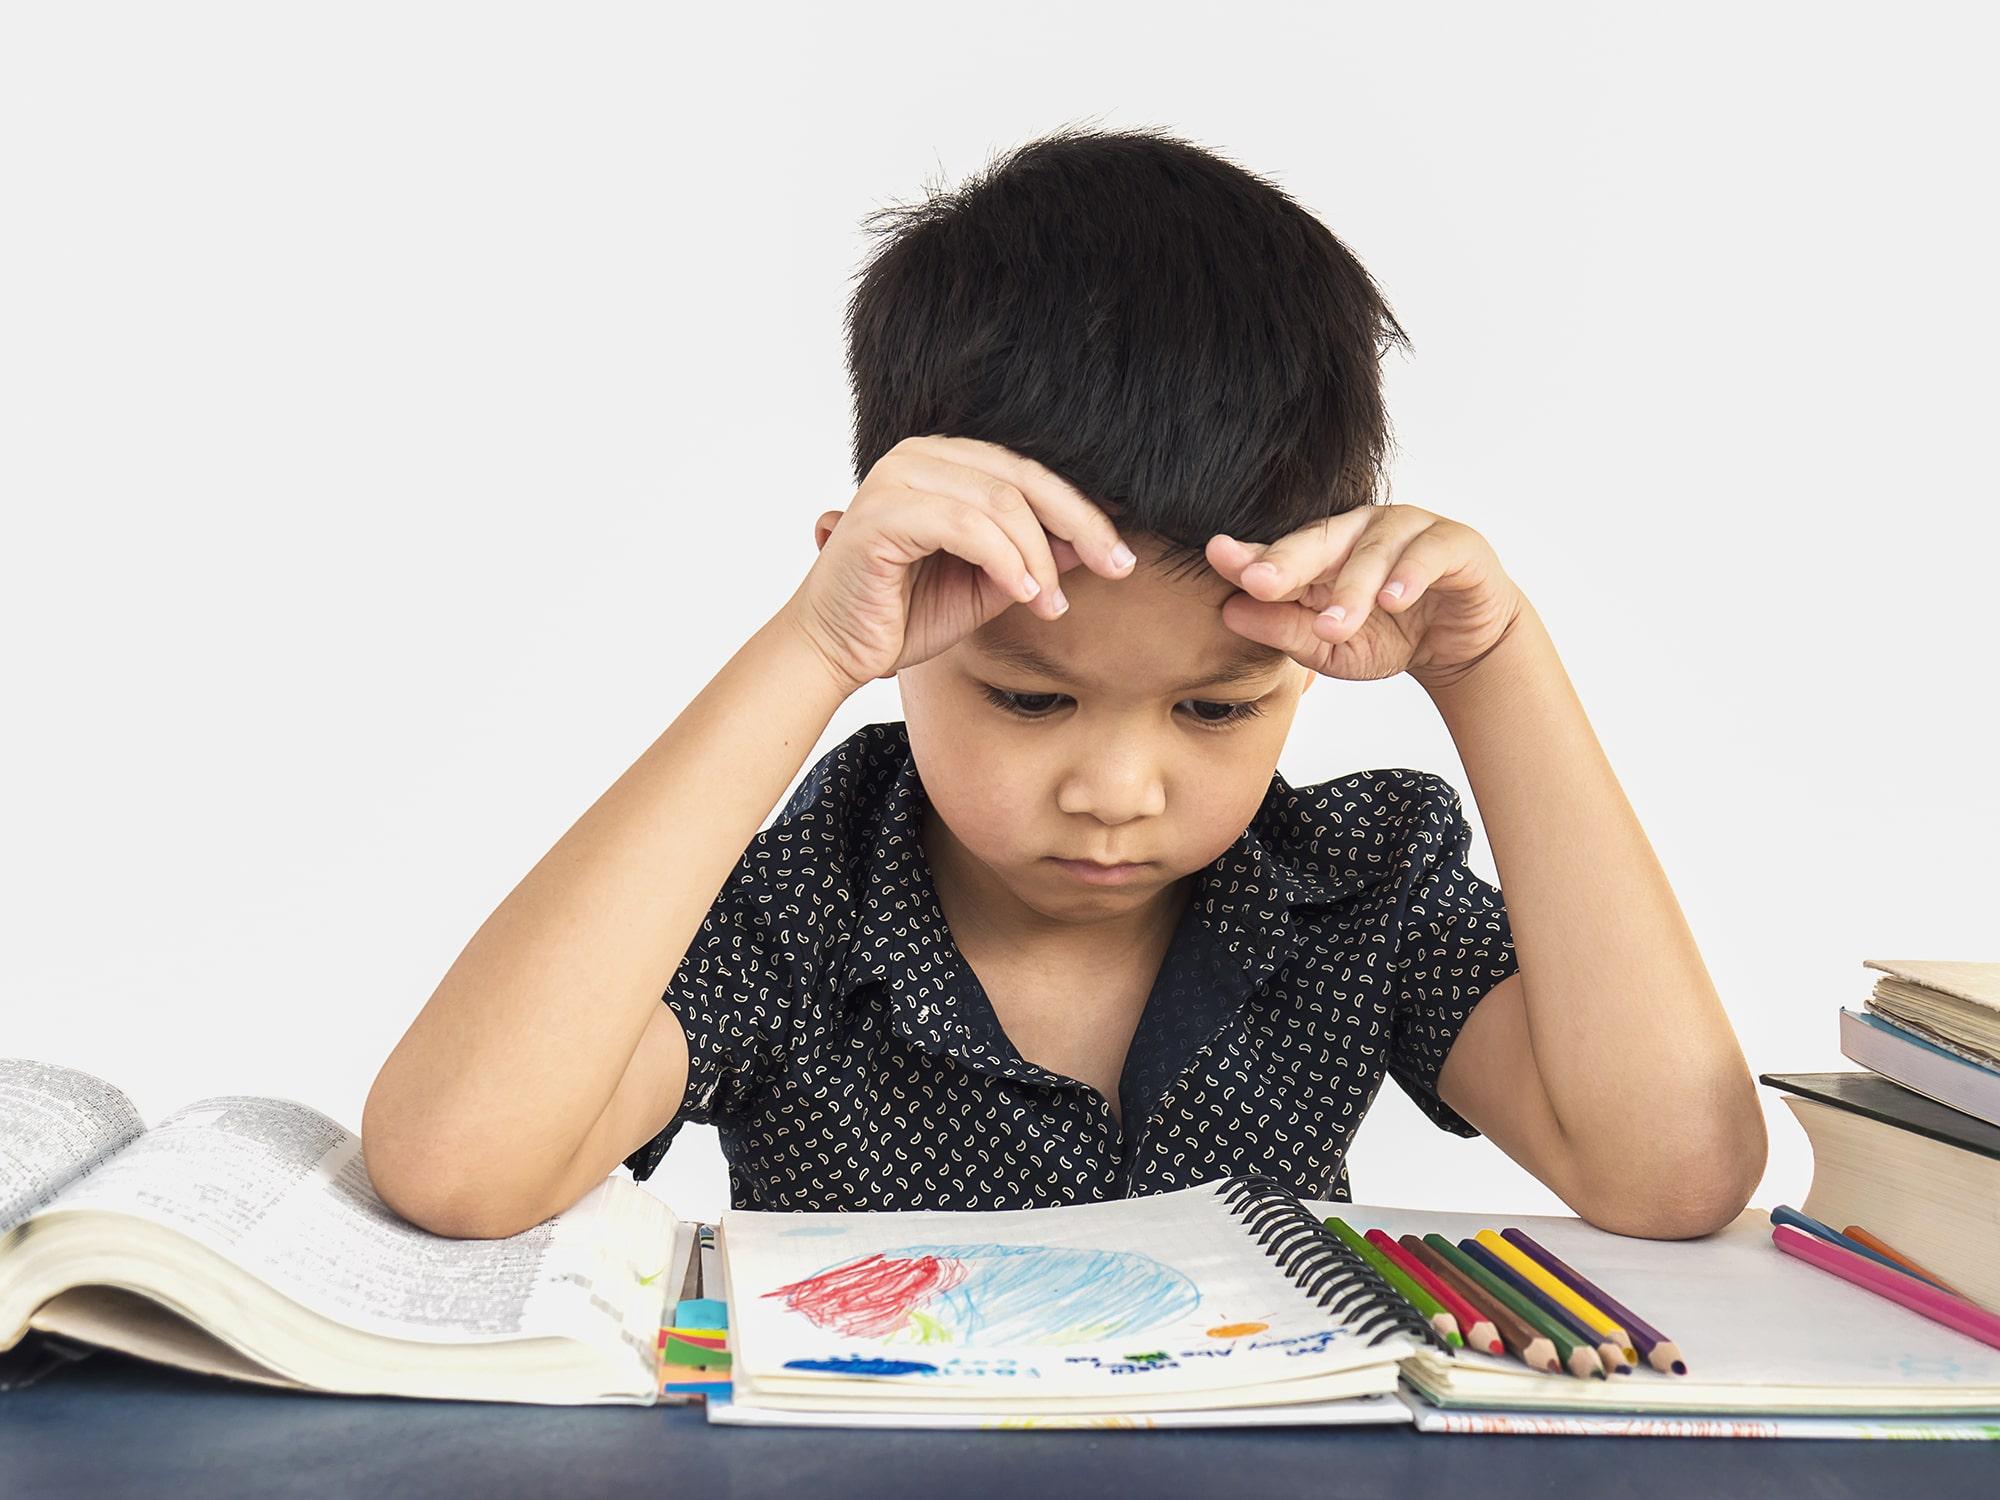 พ่อแม่ต้องรู้ วิธีการแก้ปัญหาเด็กไม่ยอมทำการบ้าน